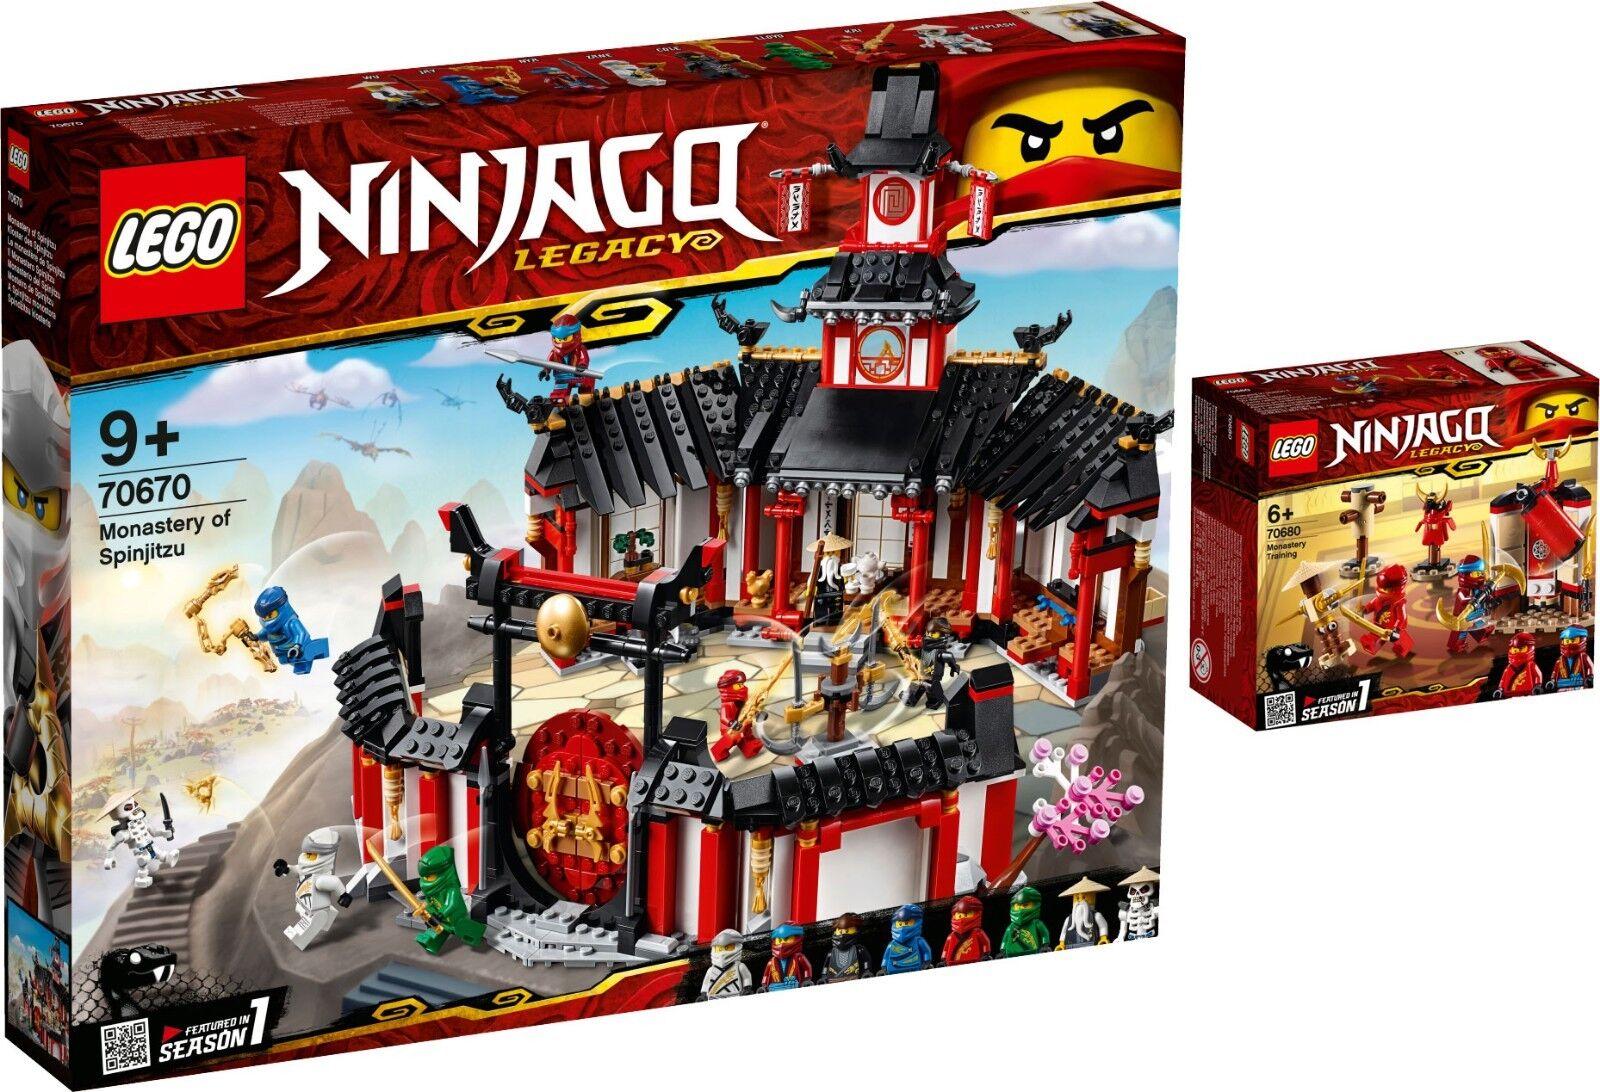 benvenuto per ordinare LEGO Ninjago 70670 monastero del Spinjitzu 70680 NINJA tempio Training Training Training n1 19  migliori prezzi e stili più freschi